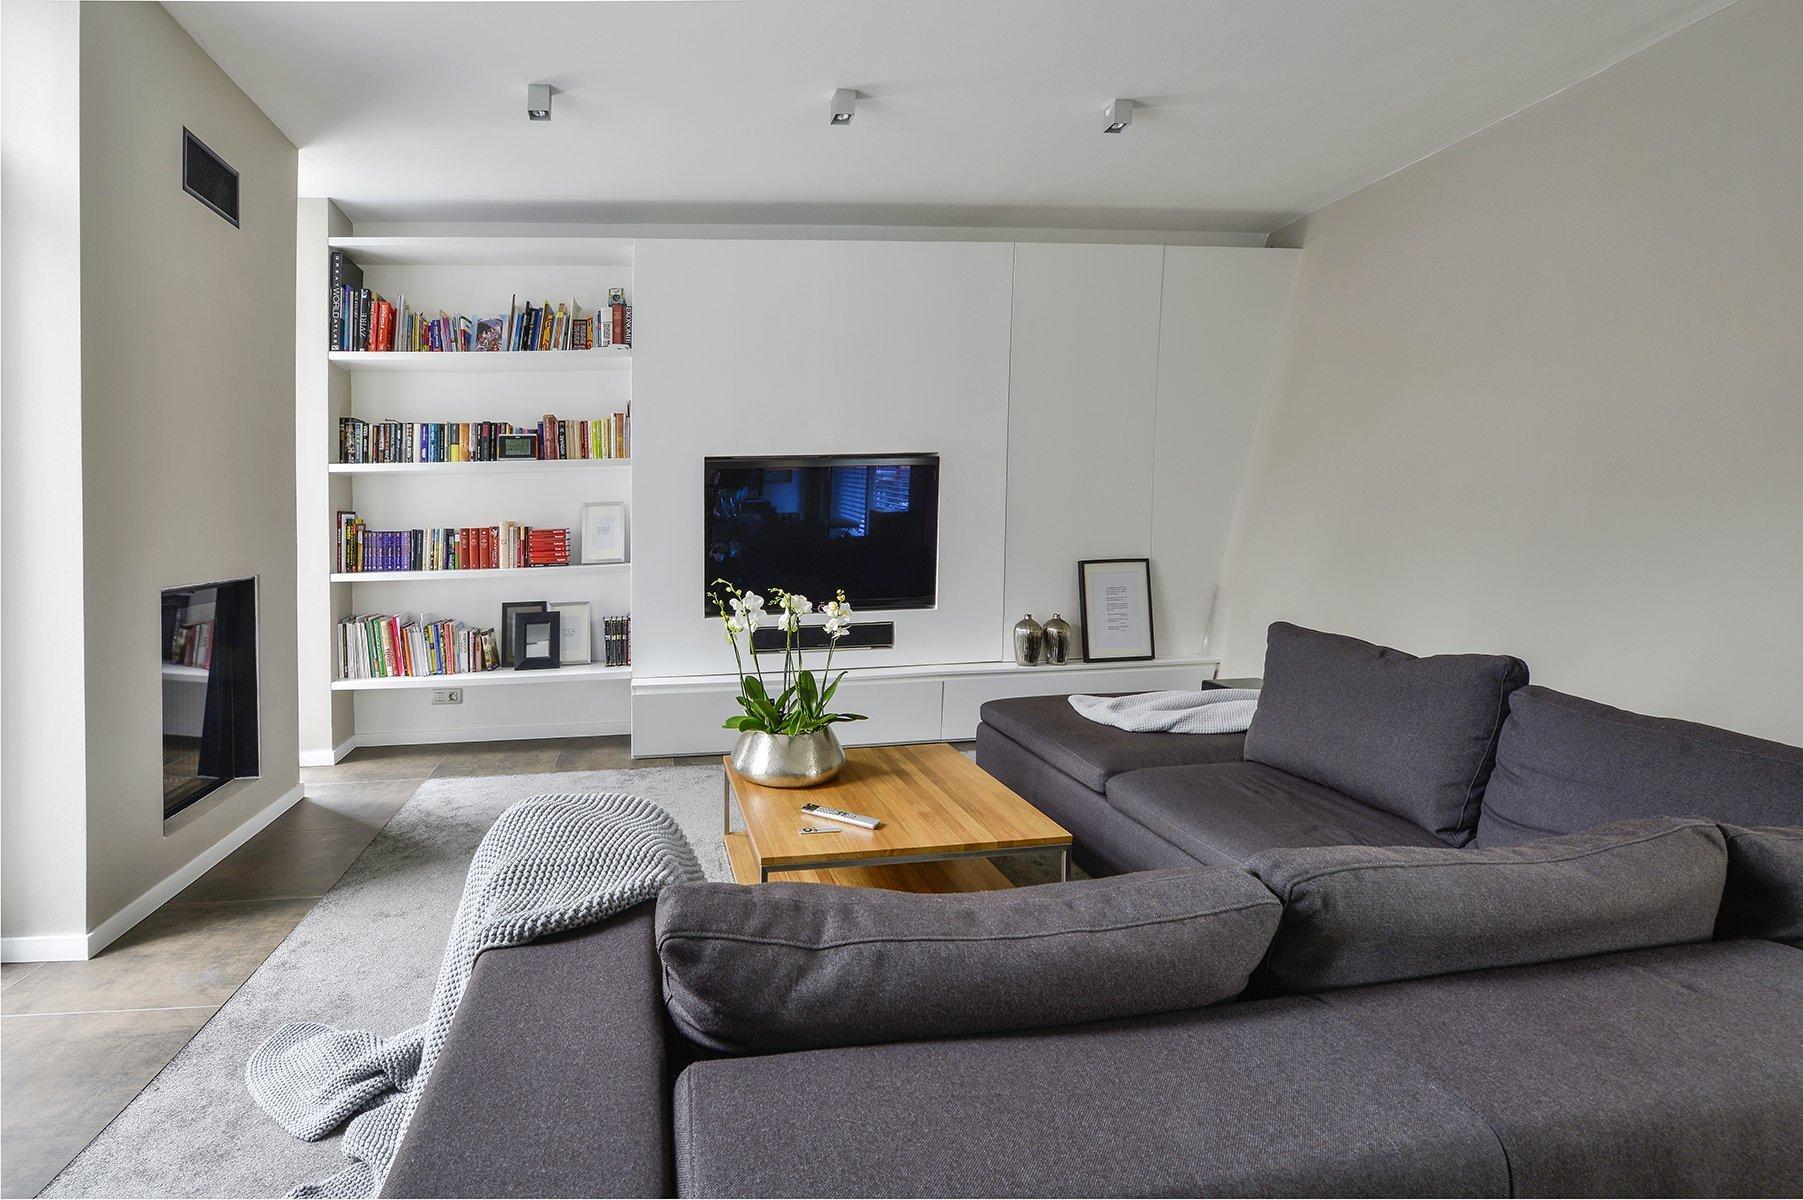 Naše studio do projektu vstoupilo ve fázi, kdy už byla přesně dána konstrukční a materiálová podoba domu. Návrh funkční dispozice prostor domu a stejně tak…